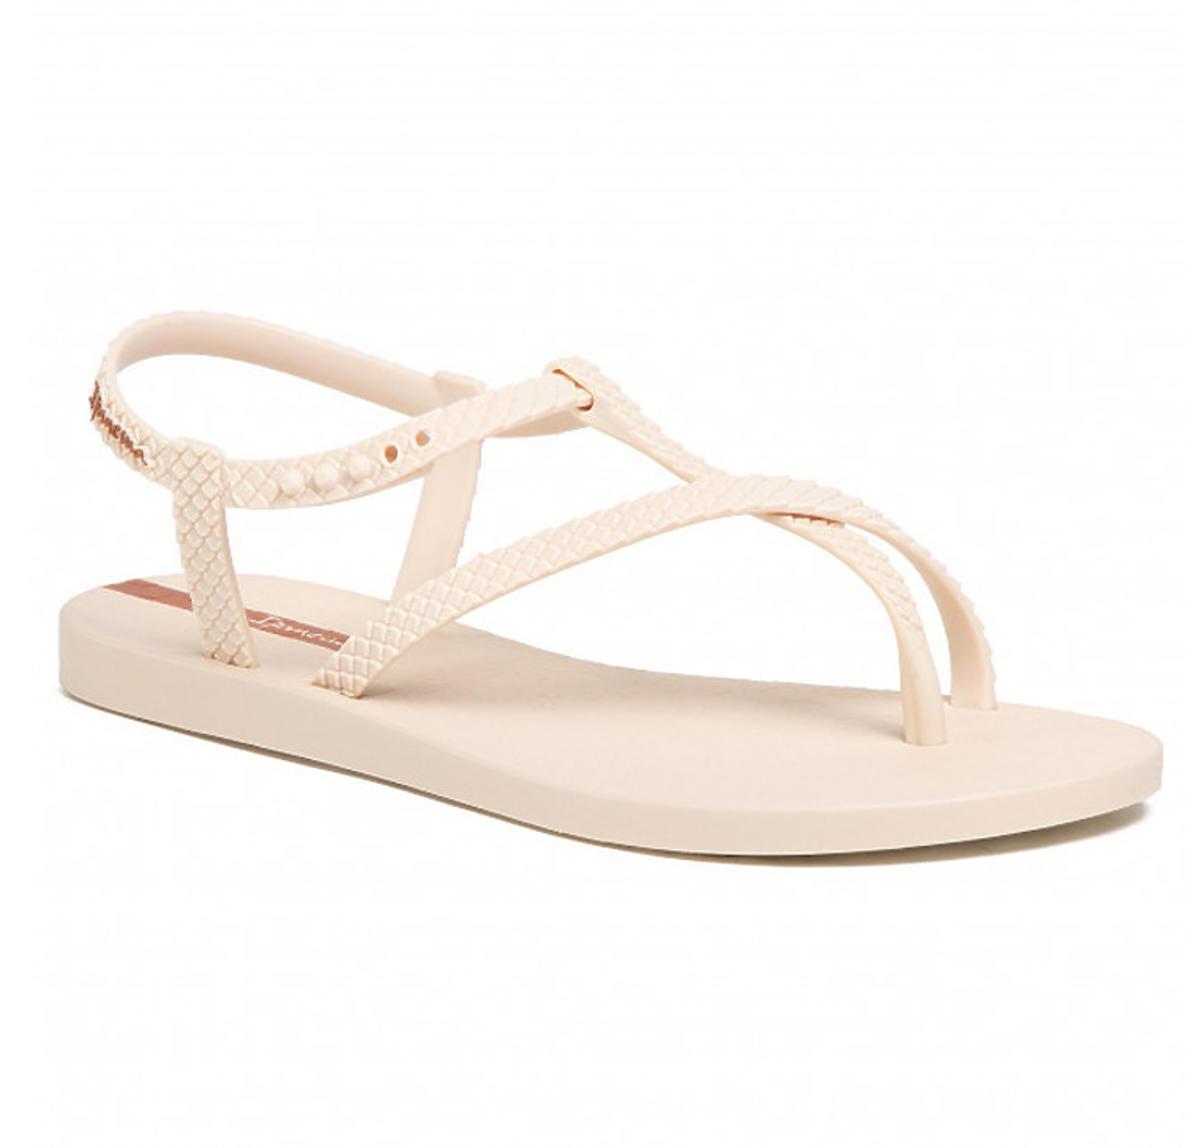 Sandałki na lato 2020. Model Ipanema w stylu Natalii Siwiec